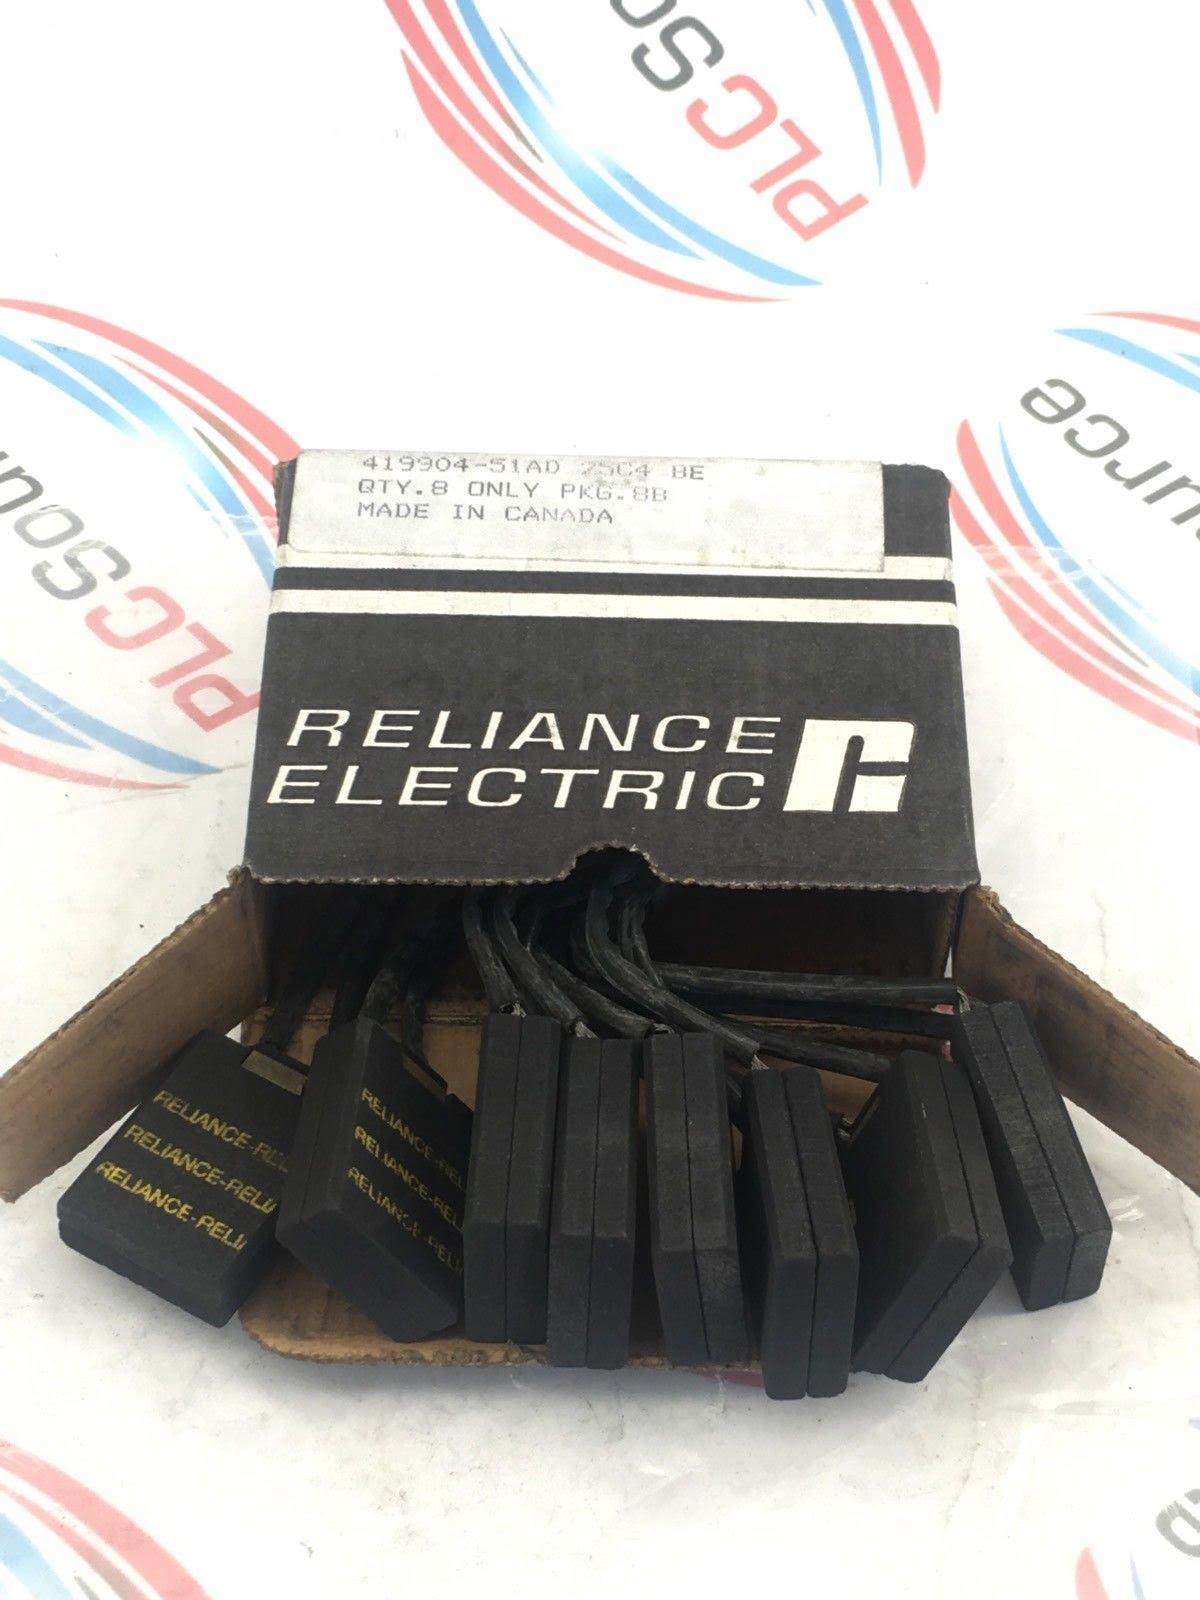 New Baldor Reliance 419904-51AD Motor Brush